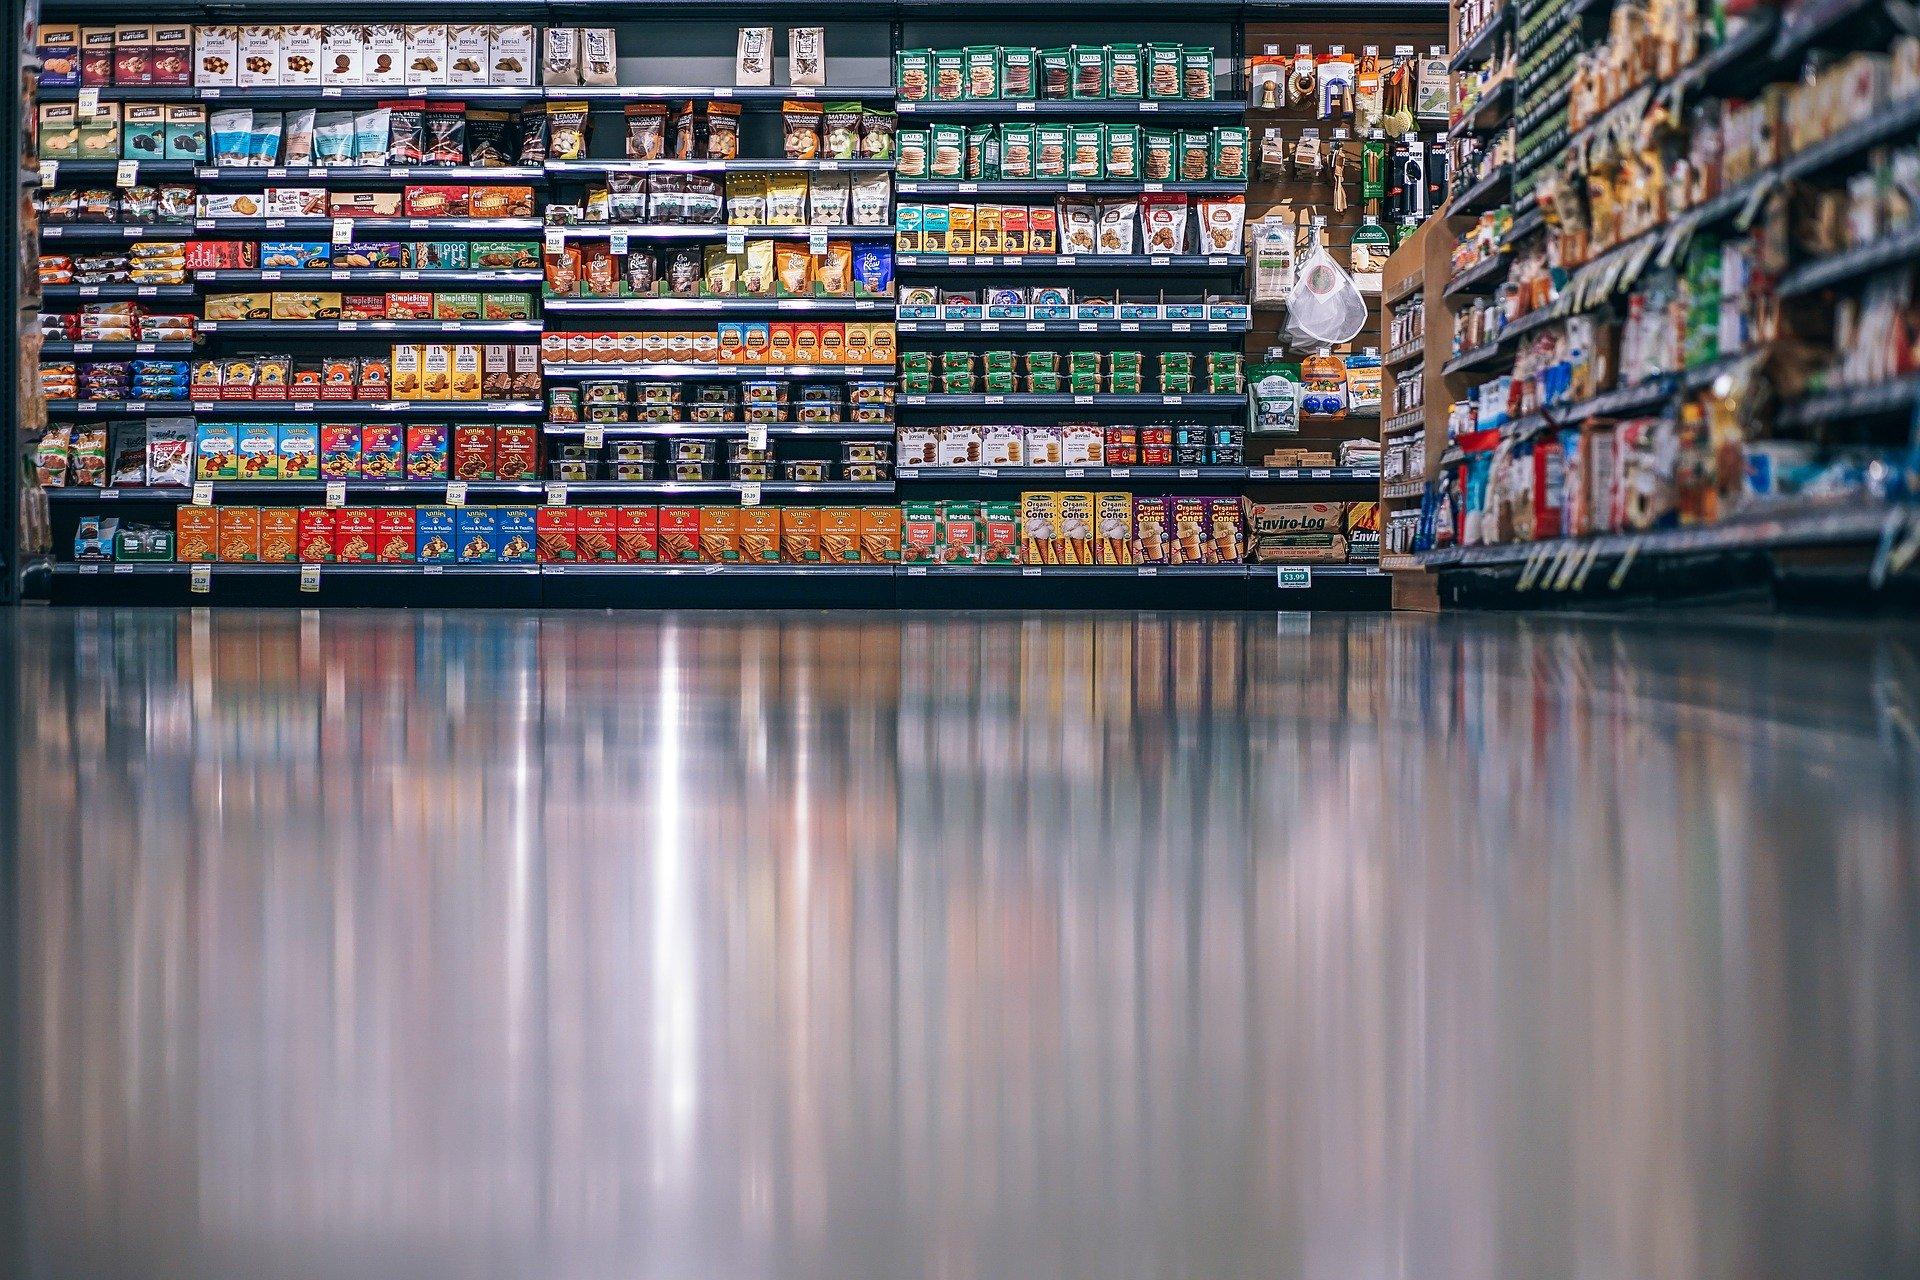 Zdrowa przekąska ze sklepu – co wybrać?